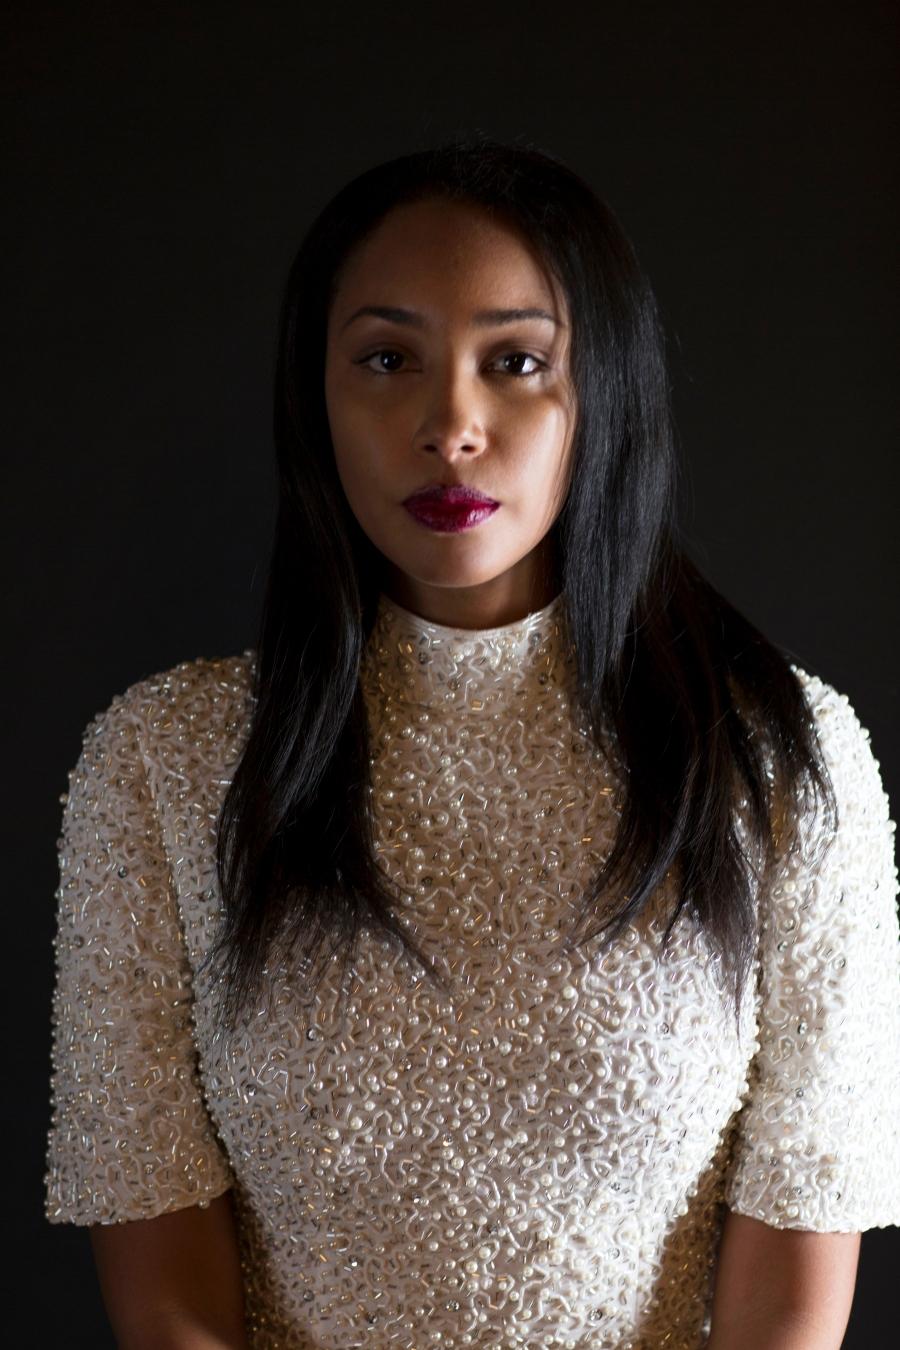 Safiya Sinclair